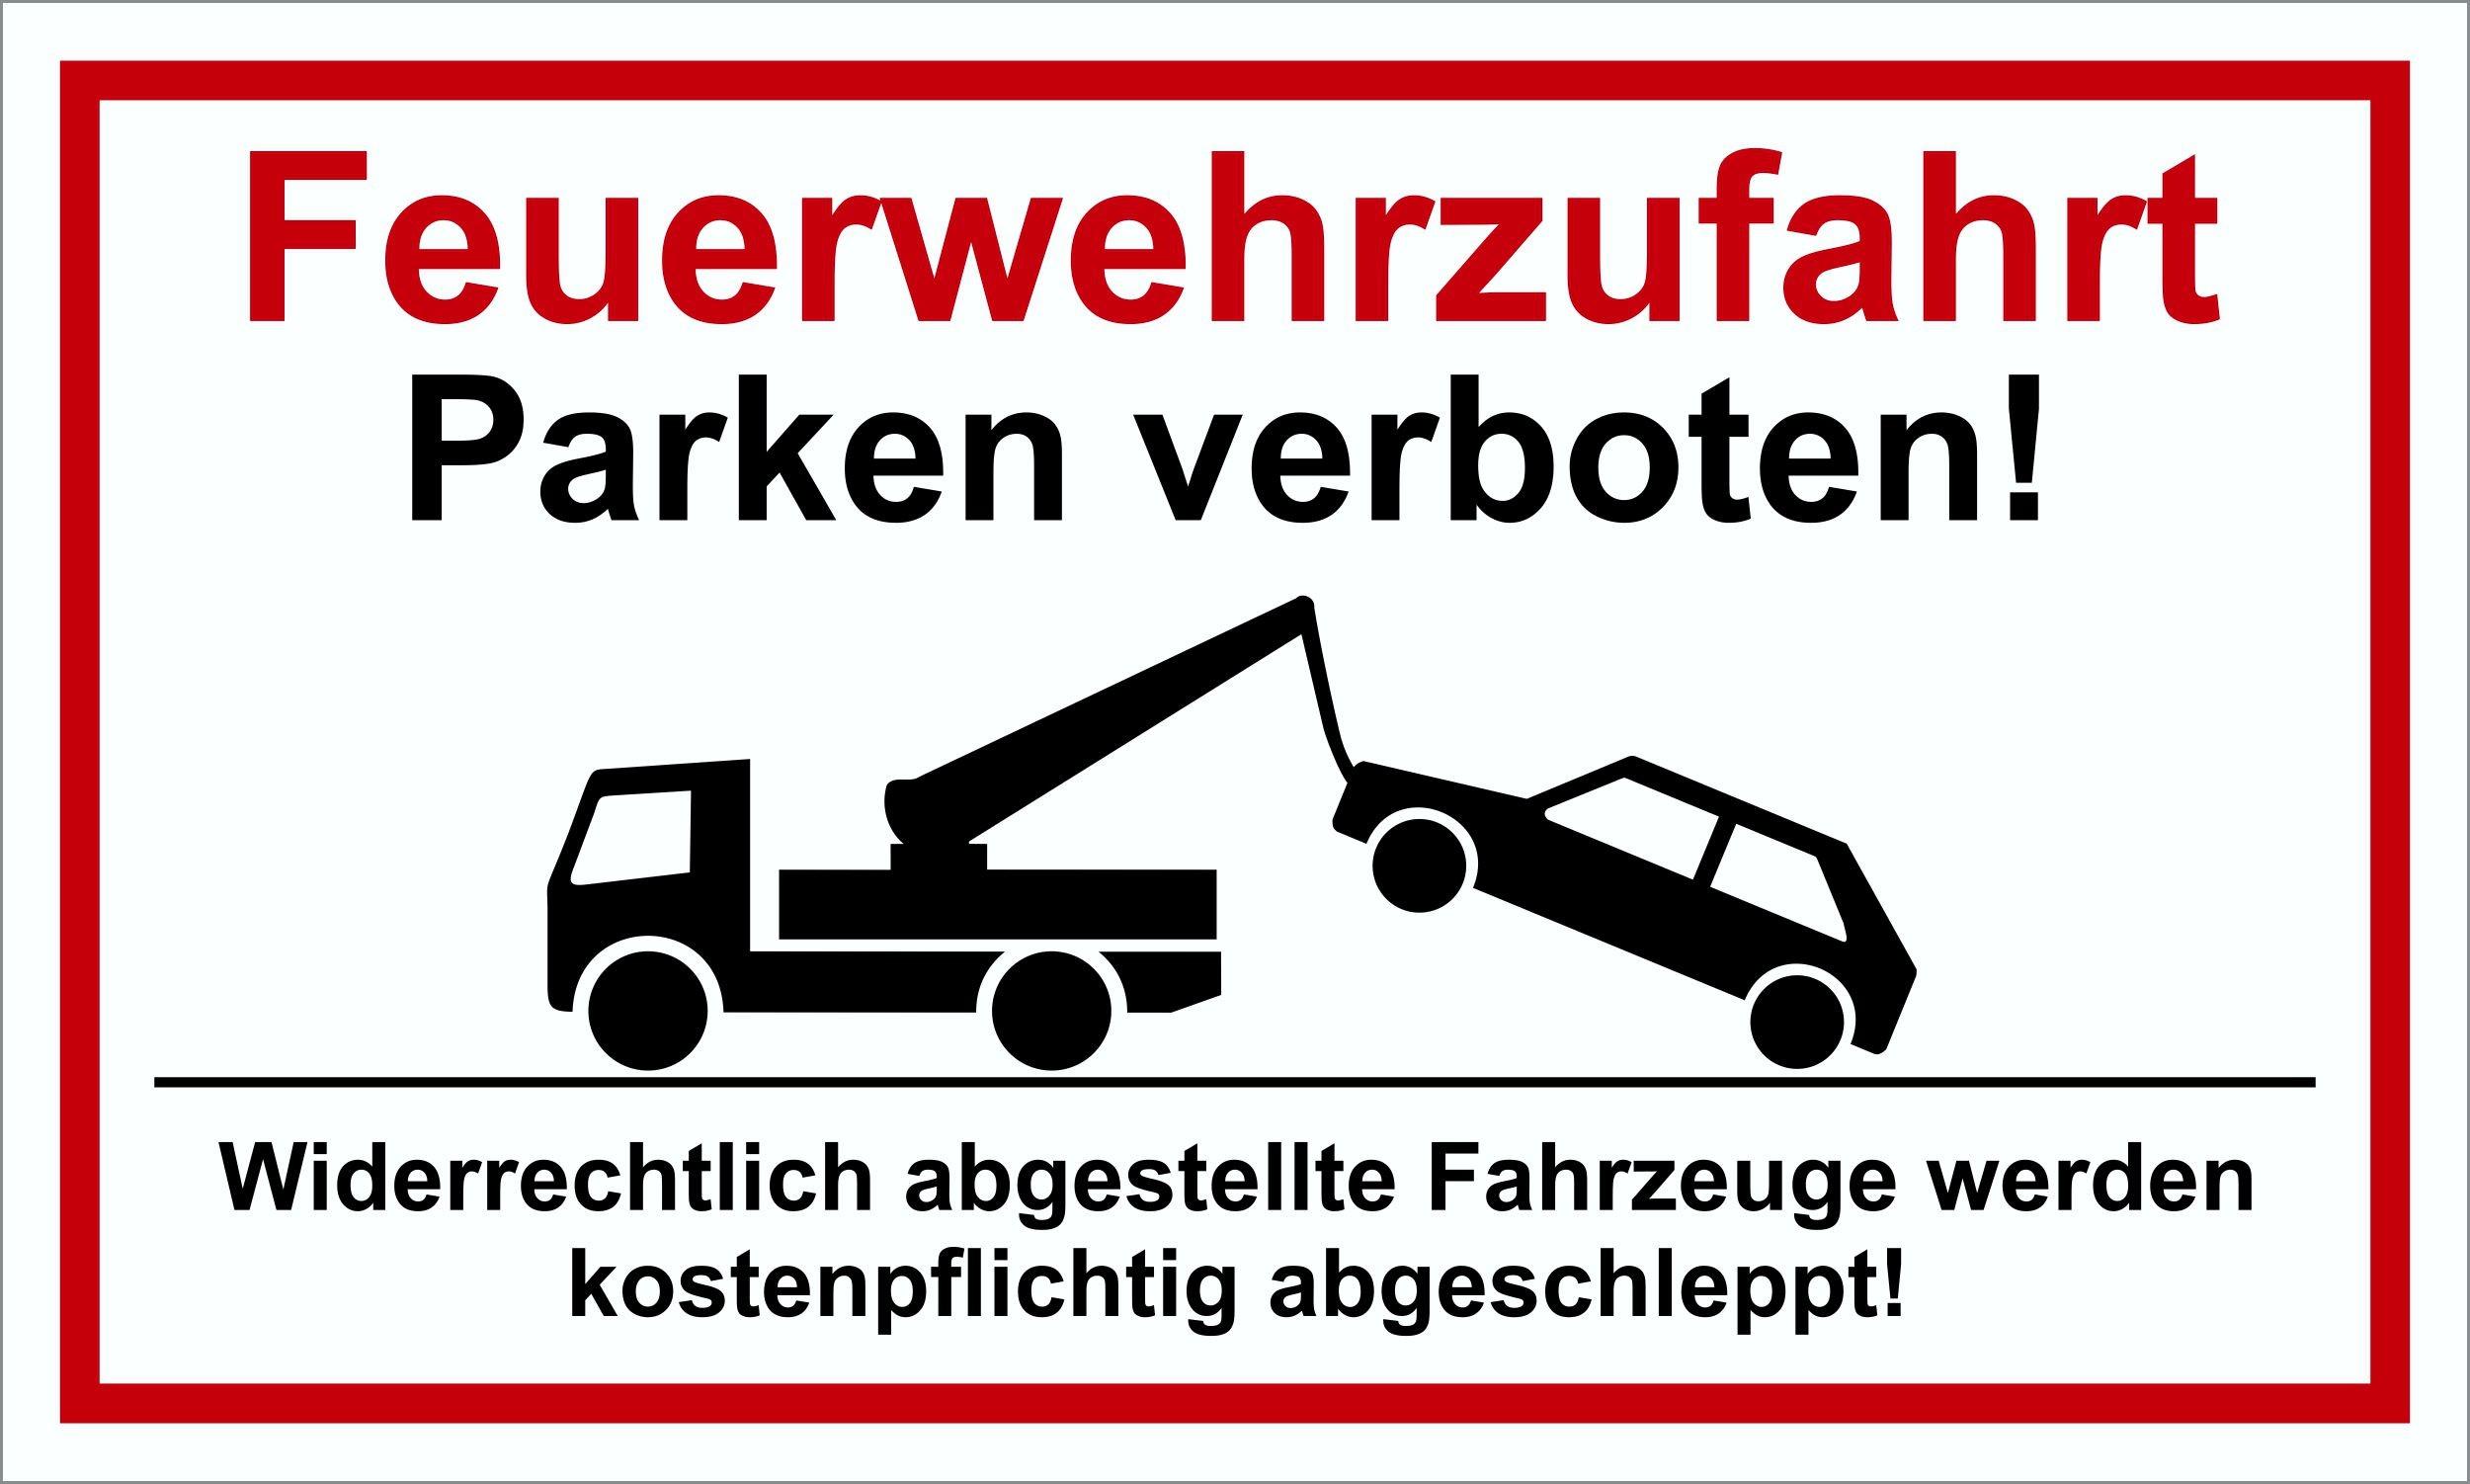 Feuerwehrzufahrt Parken verboten! 150 x 250 mm Warn- Hinweis- und Verbotsschild PST-Kunststoff 001